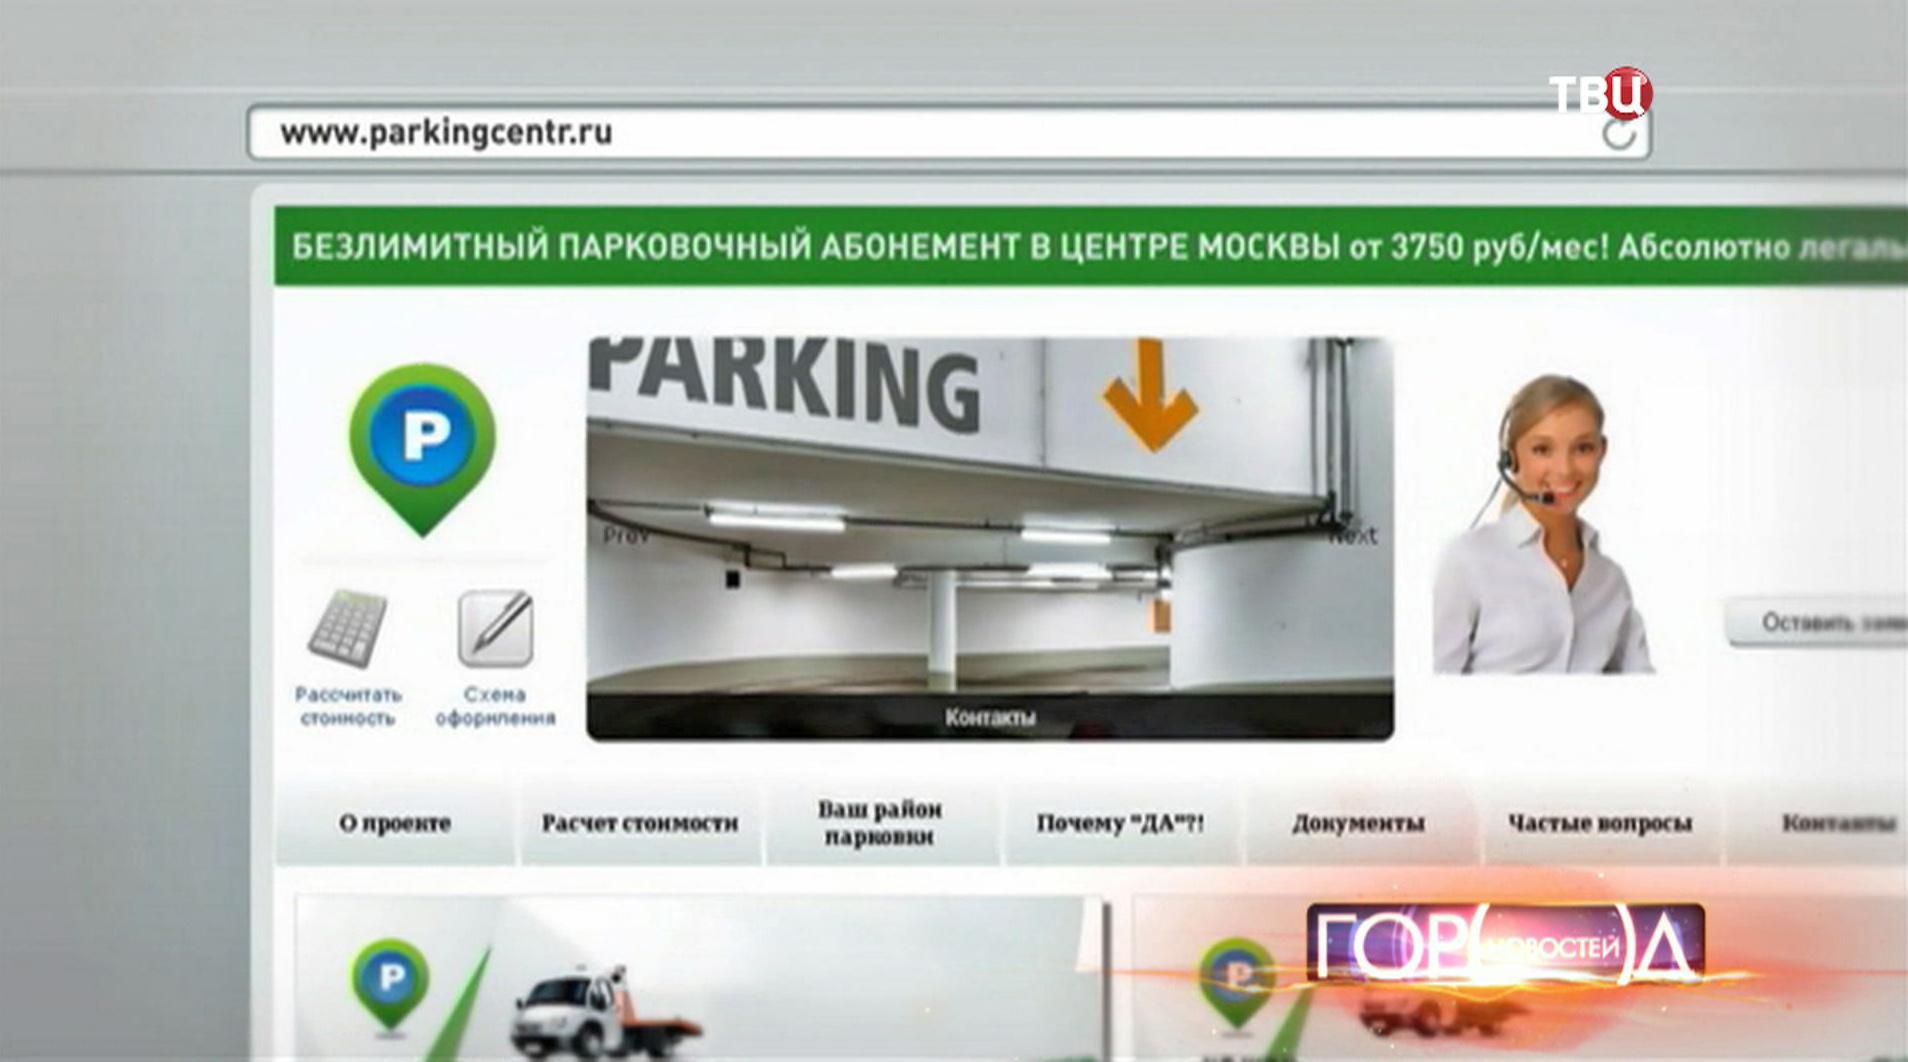 Интернет-портал по продаже парковочных абонементов